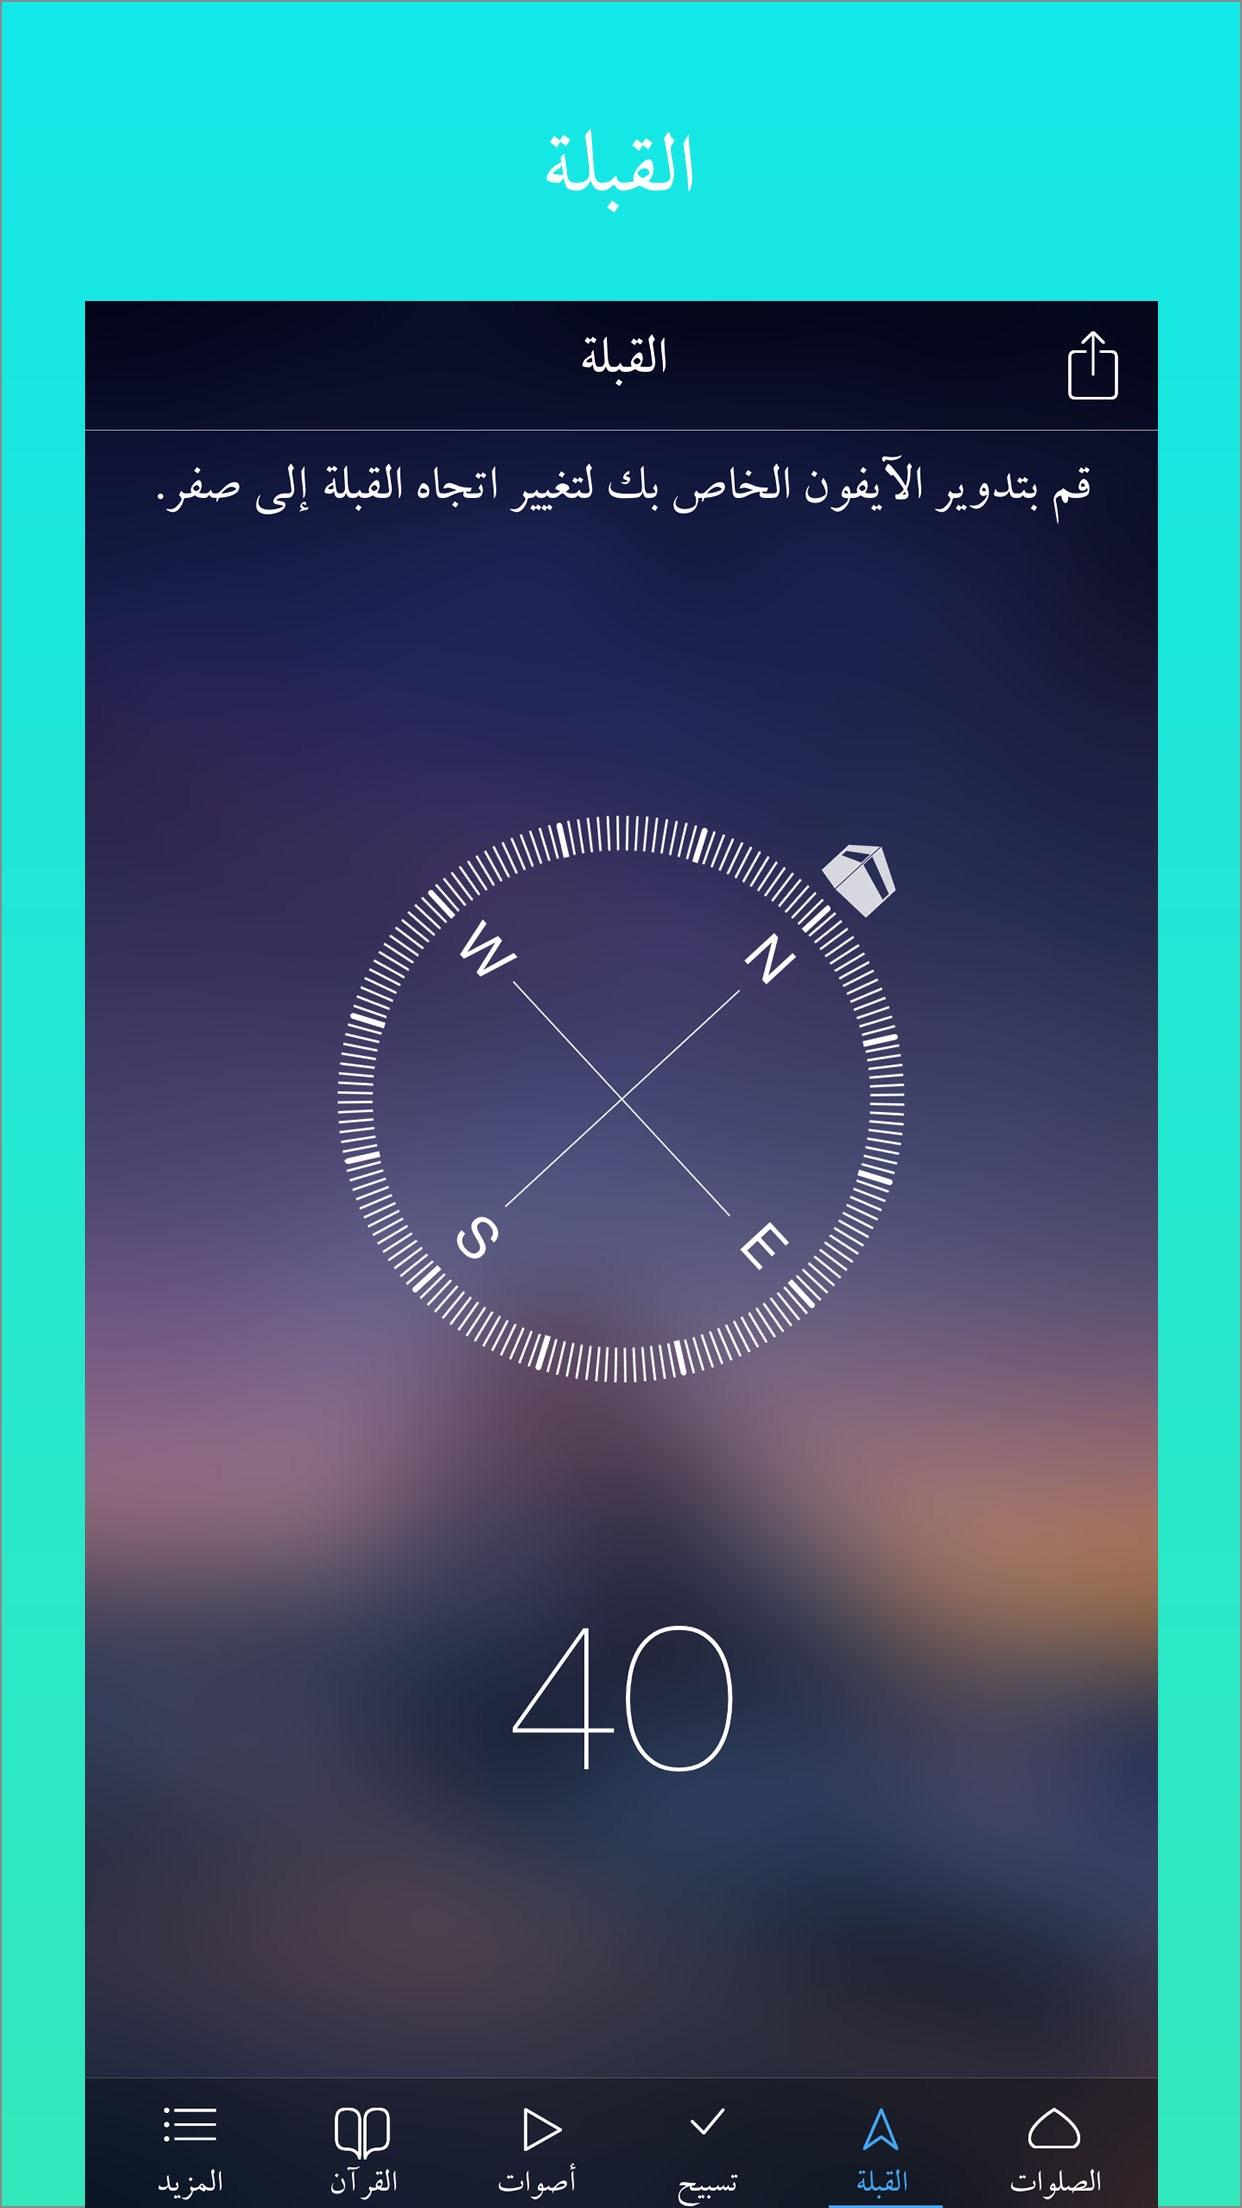 مواقیت صلاتي الاذان منبة مع قبله قرآن) اذان azan) Screenshot